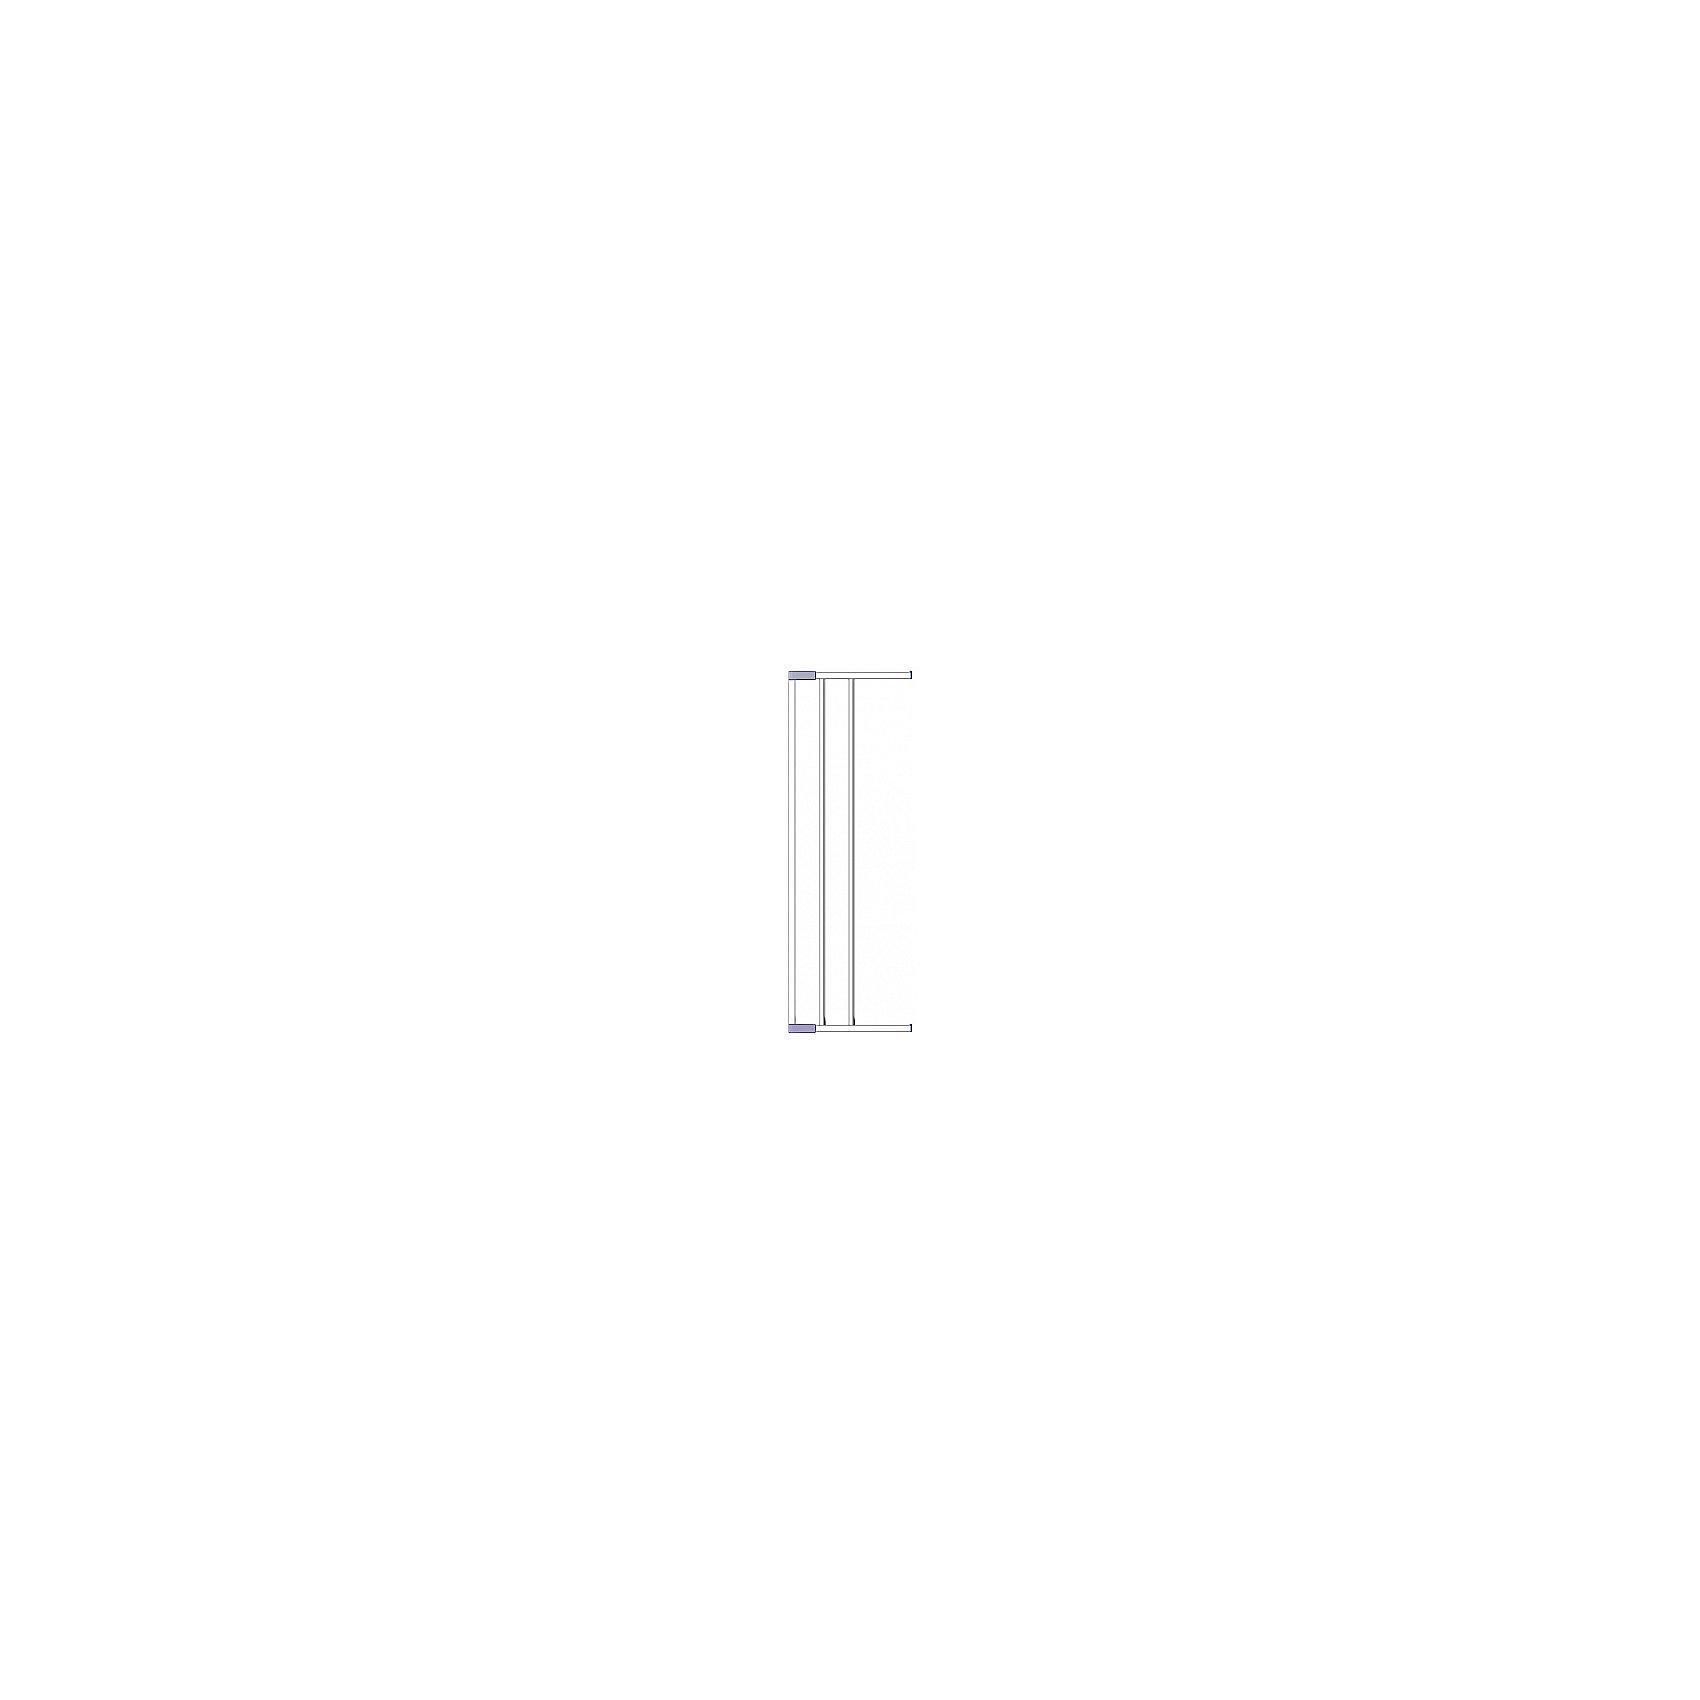 Дополнительная секция к воротам безопасности 18 см, Clippasafe, белыйДополнительная секция к воротам безопасности, Clippasafe, поможет Вам оптимально настроить ворота, удлинив их до нужного размера. Ворота безопасности (продаются отдельно) представляют собой защитный барьер, который ограничивает доступ ребенку в места, где ему по соображениям безопасности нежелательно находиться, например хозяйственное помещение или крутая лестница. Простая конструкция легко устанавливается в дверной проем или проход и не портит внешний вид помещения. Для удобства взрослых предусмотрена блокирующаяся калитка, дающая возможность свободного прохода через ворота. Секция совместима с воротами безопасности модели CL132, она удлиняет защитную калитку на 18 см. <br><br>Дополнительная информация:<br><br>- Цвет: белый.<br>- Материал: металл.<br>- Размер секции: 18 см.<br>- Размер упаковки: 18 х 75 см. <br>- Вес: 1,2 кг.<br><br>Дополнительная секция к воротам безопасности 18 см., Clippasafe, белый, можно купить в нашем интернет-магазине.<br><br>Ширина мм: 750<br>Глубина мм: 240<br>Высота мм: 20<br>Вес г: 1200<br>Возраст от месяцев: 0<br>Возраст до месяцев: 24<br>Пол: Унисекс<br>Возраст: Детский<br>SKU: 4722142